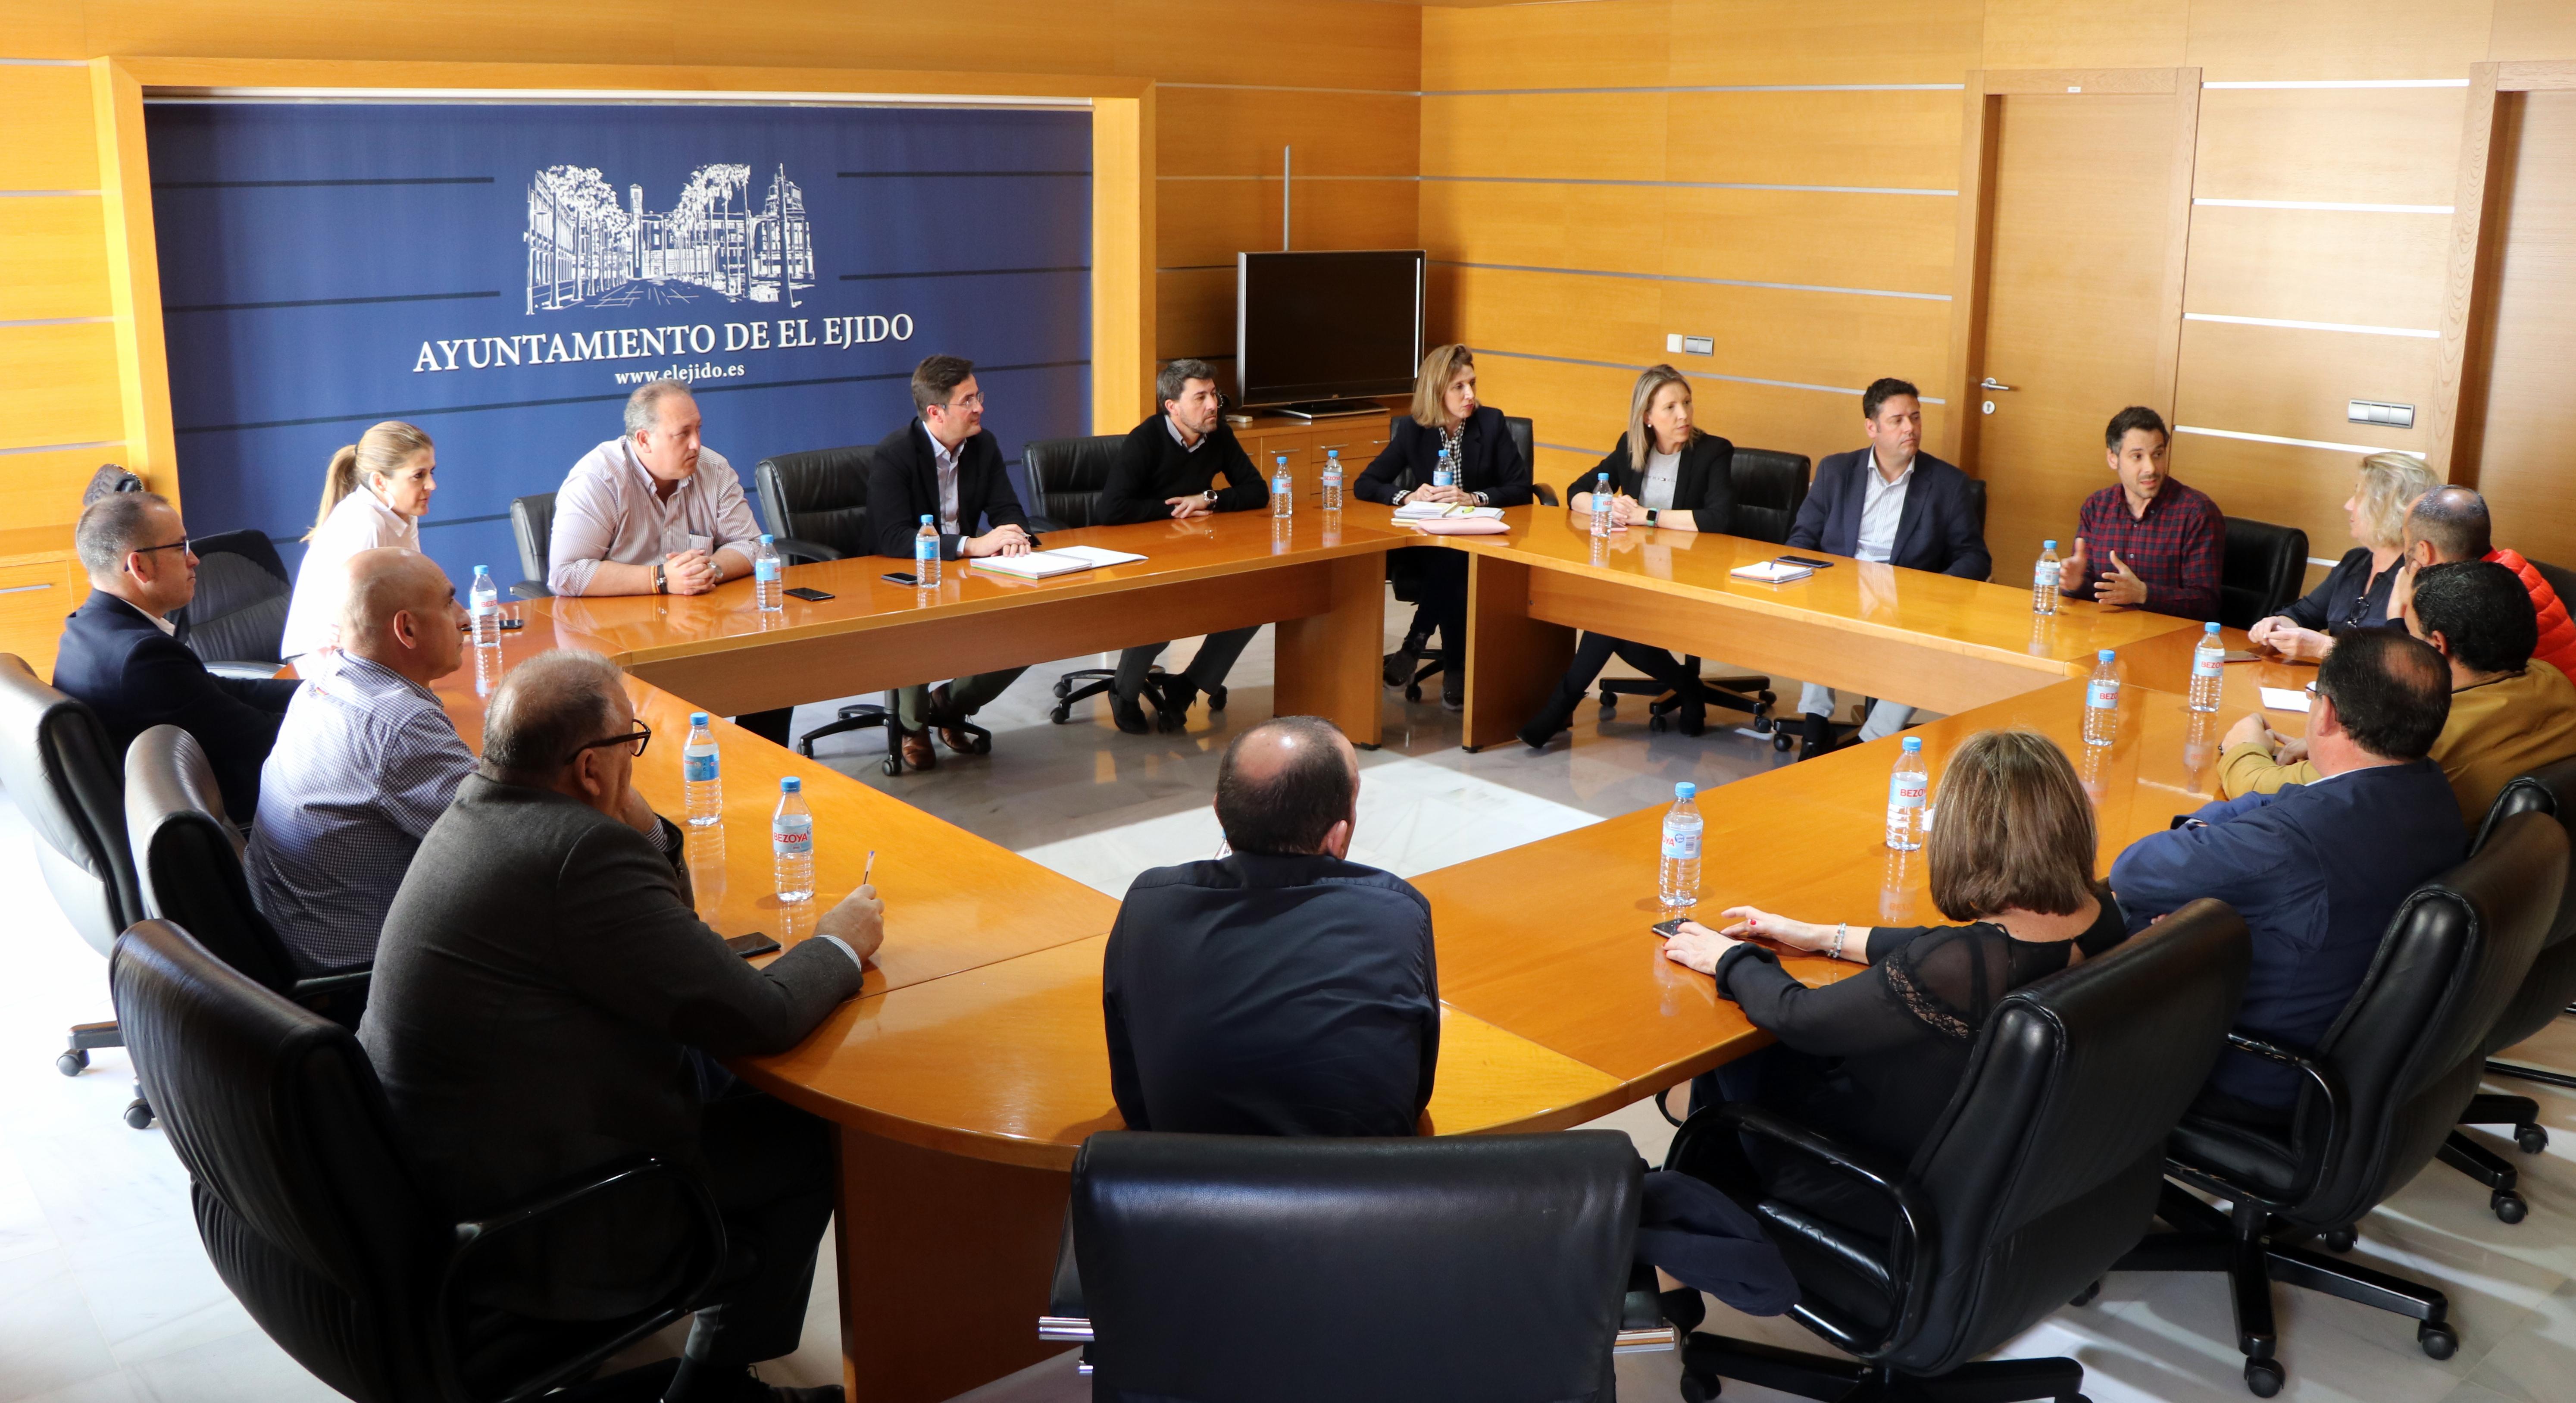 El Ayuntamiento de El Ejido aplaza las actividades multitudinarias y adopta medidas de prevención del COVID-19